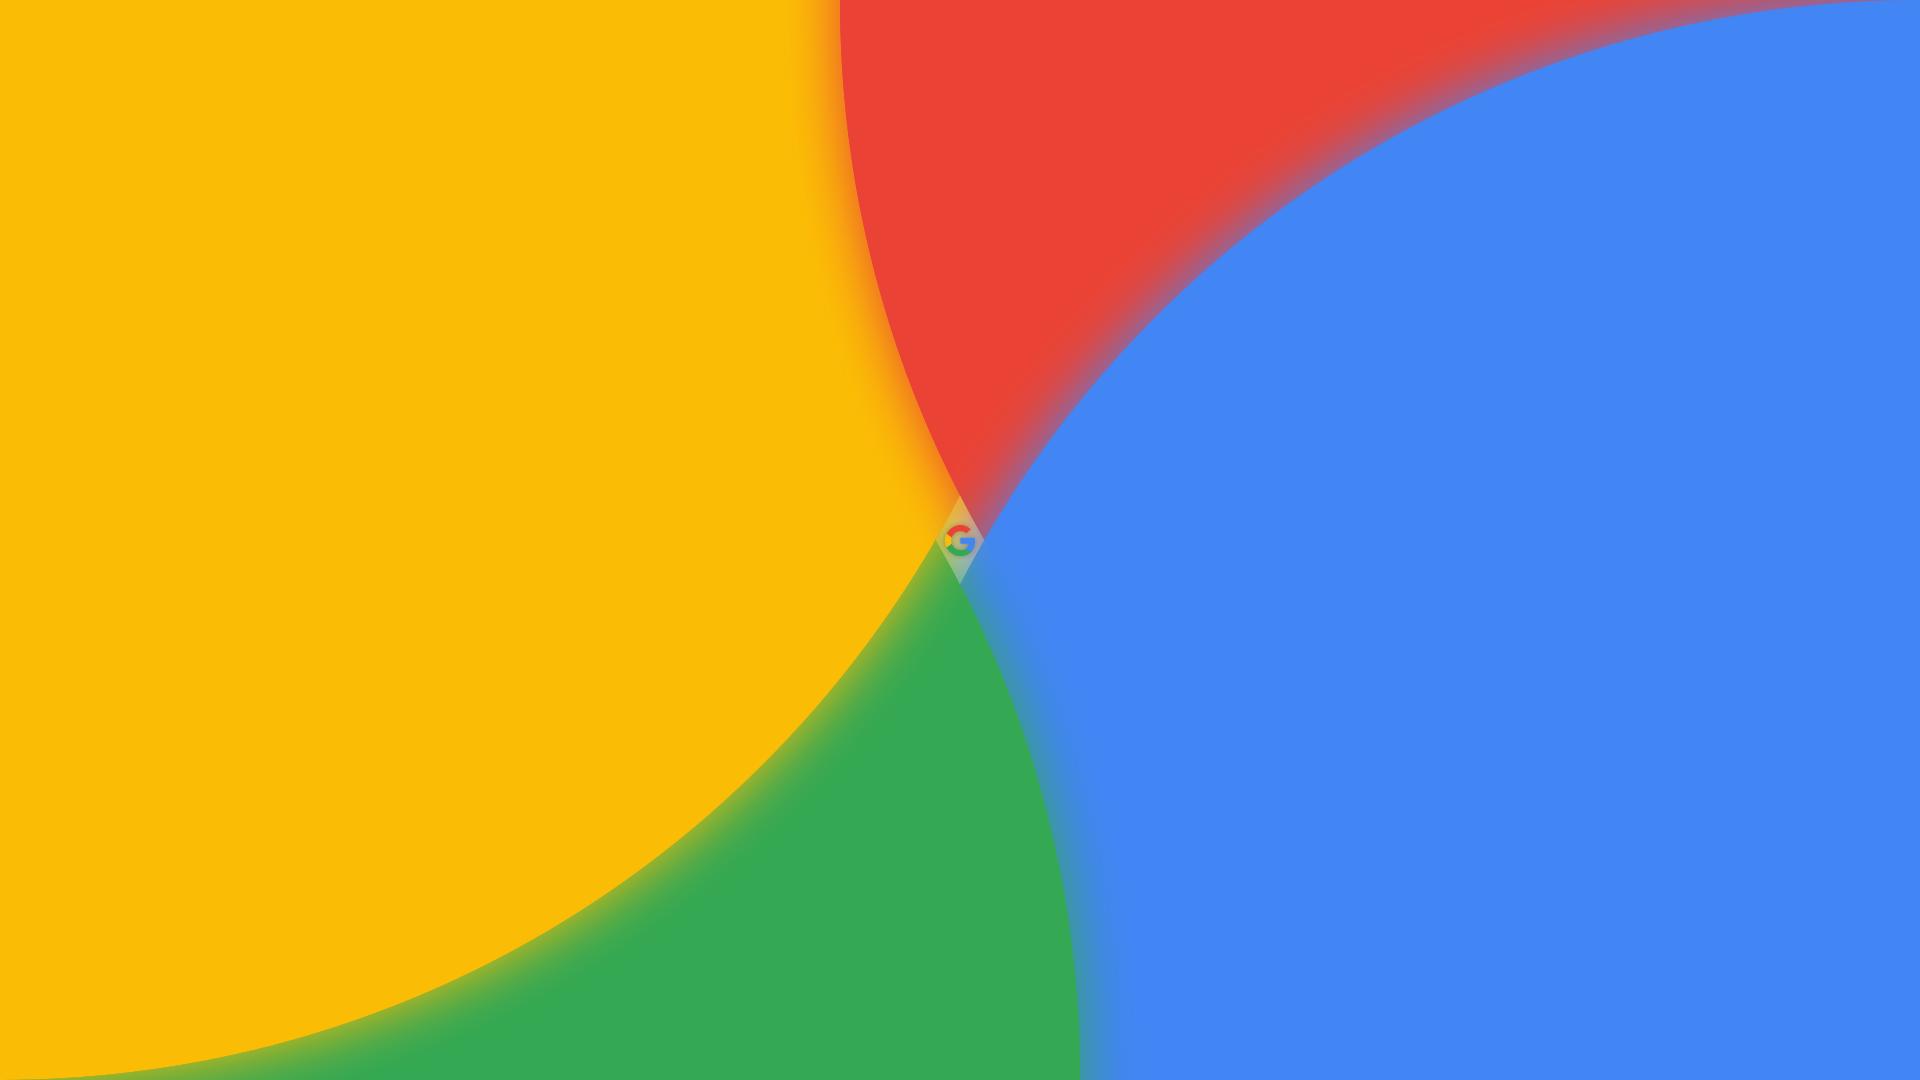 デスクトップ壁紙 図 抽象 空 黄 旗 サークル Google 色 葉